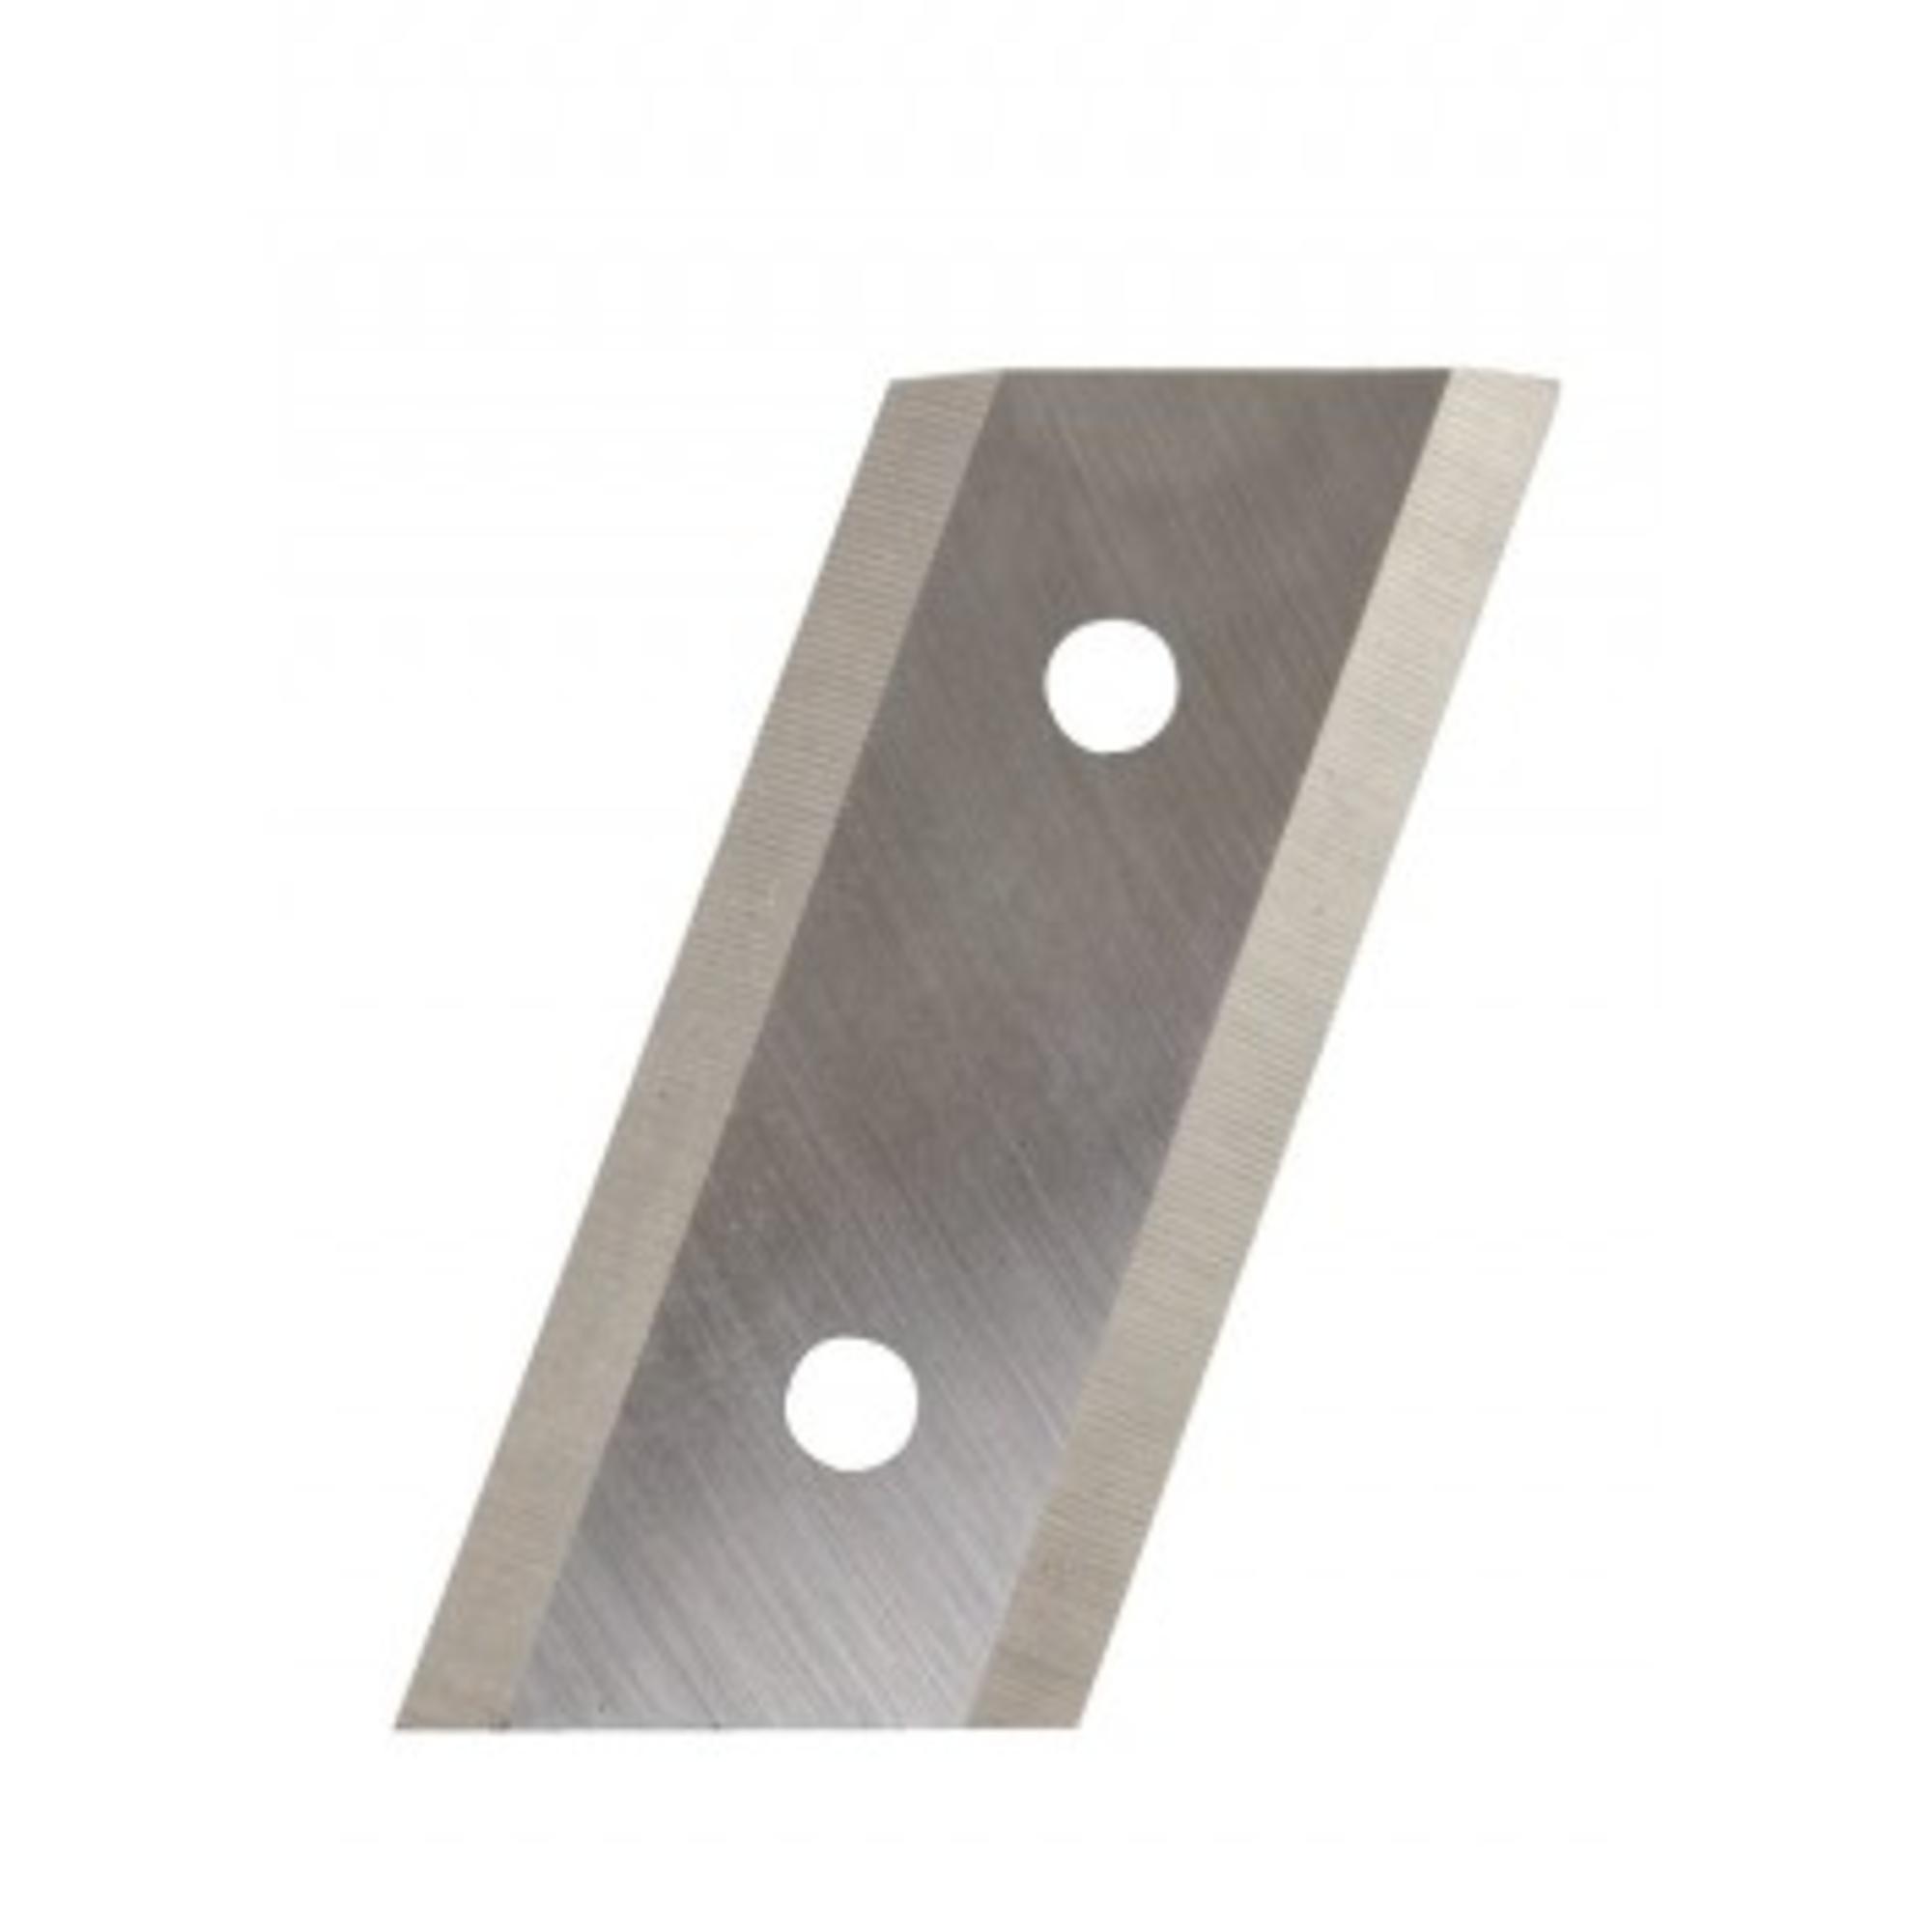 AL-KO Tartalék kés MH 2800-as komposztaprítóhoz 113079